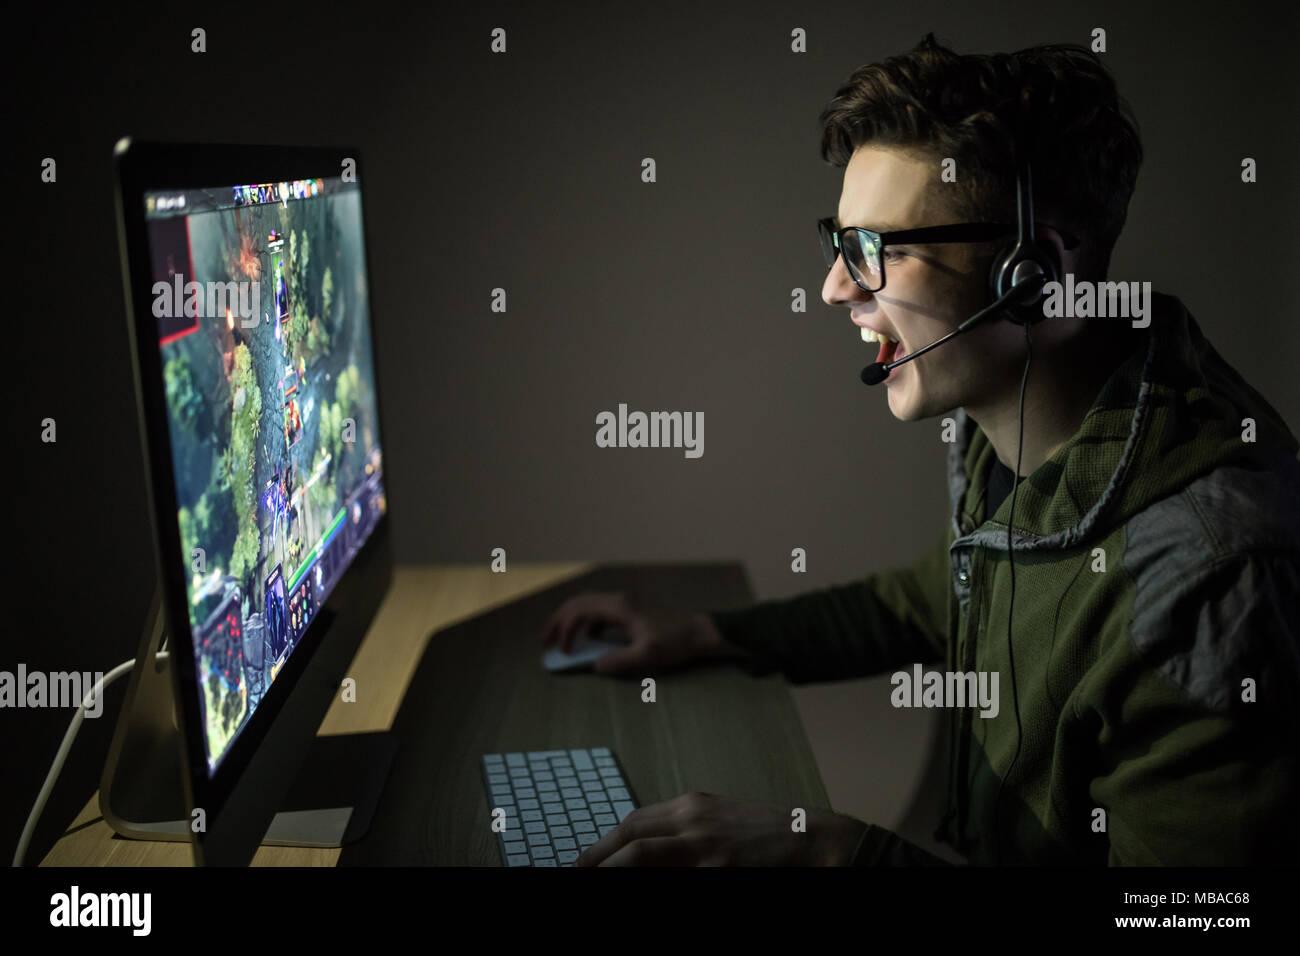 Hombre hermoso juego de estrategia o juegos online en cuarto oscuro ...